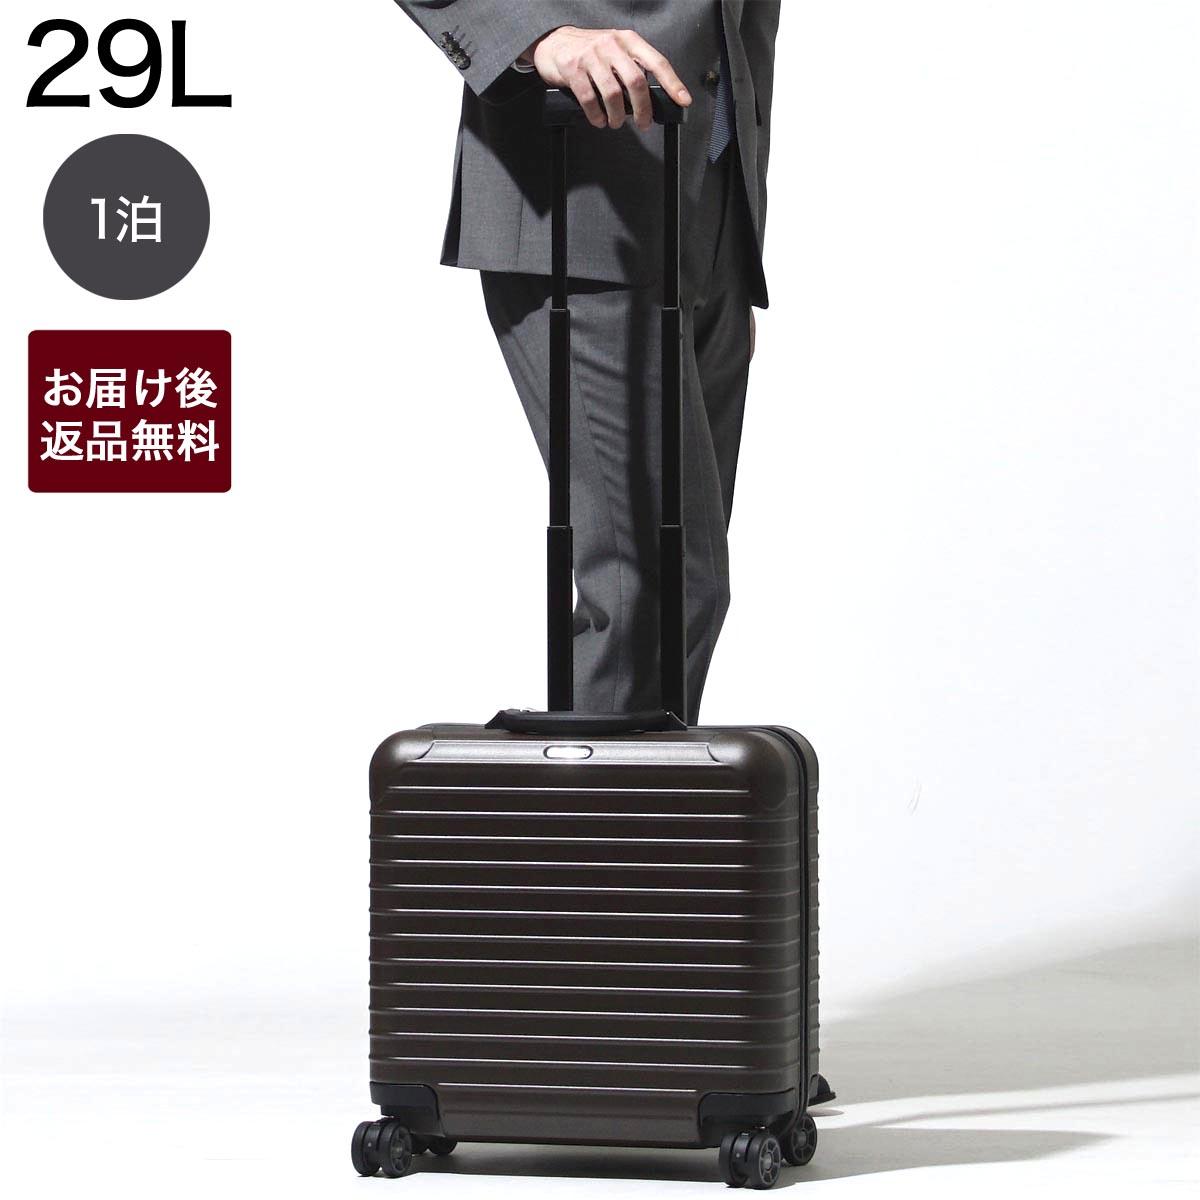 リモワ RIMOWA スーツケース キャリーケース ブラウン メンズ 810.40.38.4 SALSA BUSINESS 40 MULTIWHEEL 27L サルサビジネス【返品送料無料】【あす楽対応_関東】【180809】